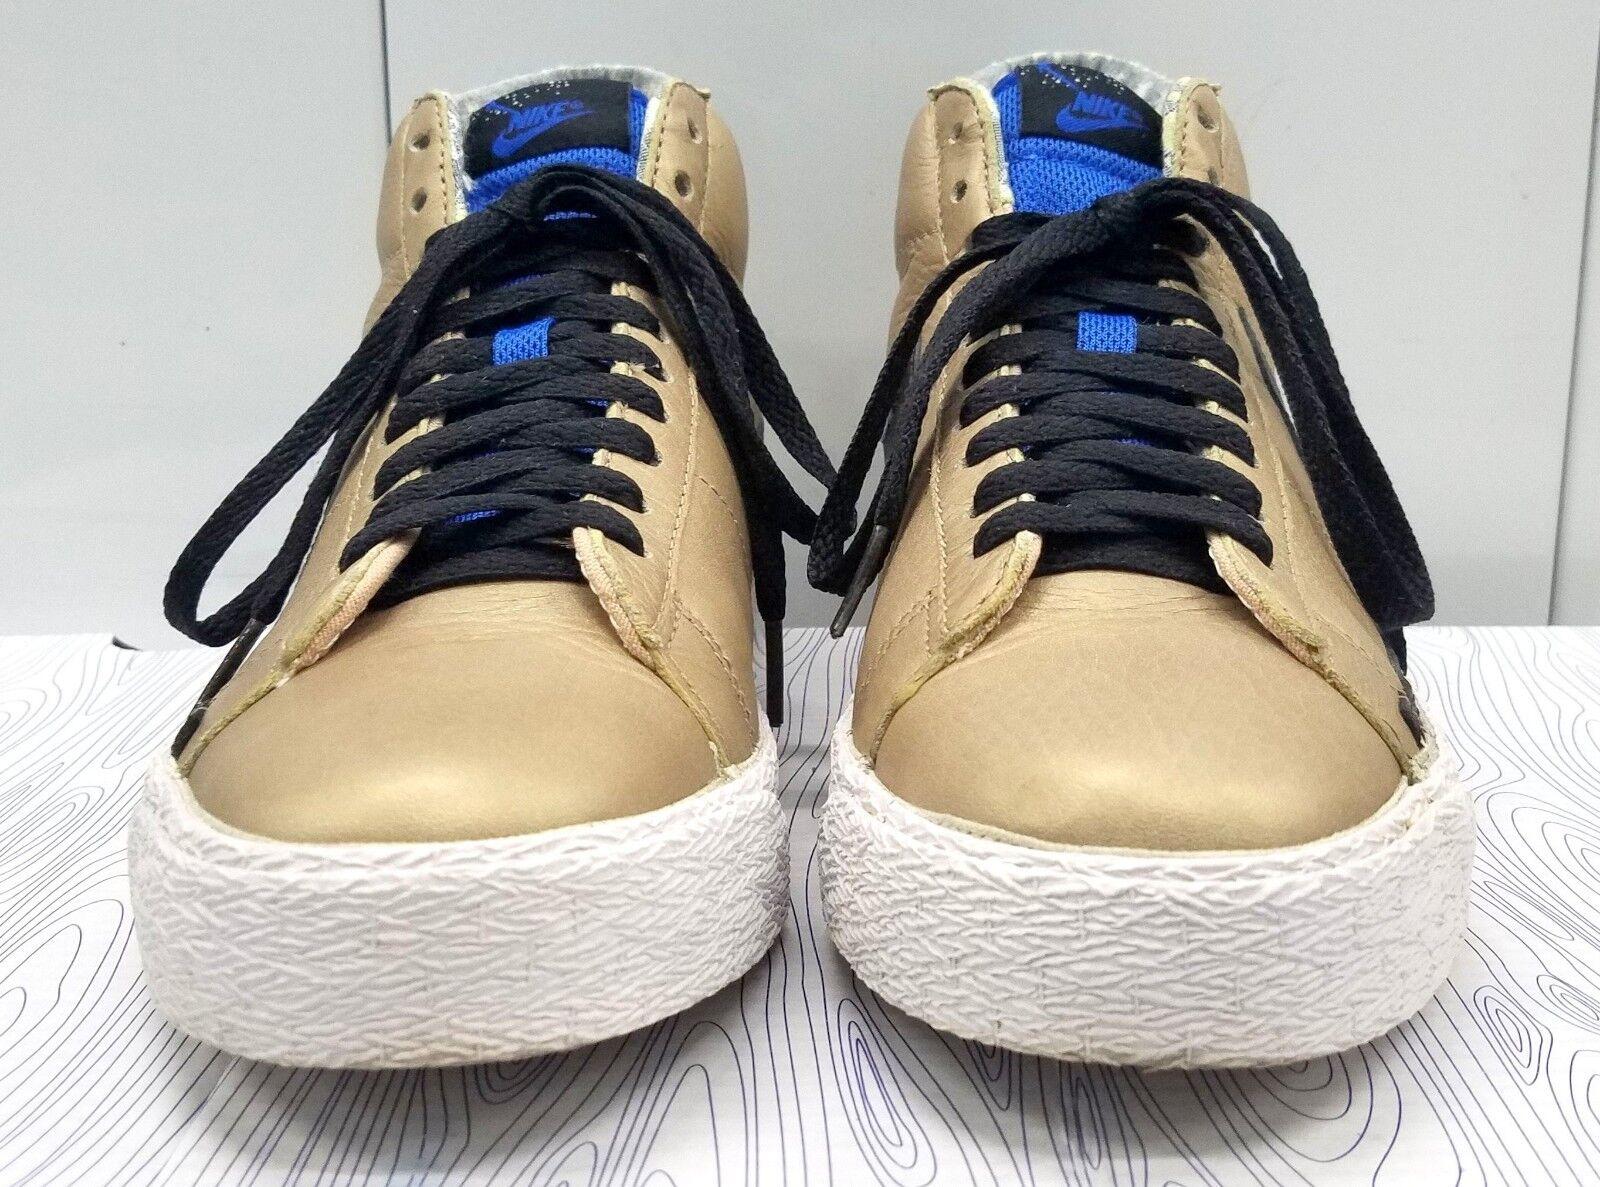 nike sb blazer high männer 7,5  gold / blau schwarz / weiß / blau /  316397-901 2007 abf121